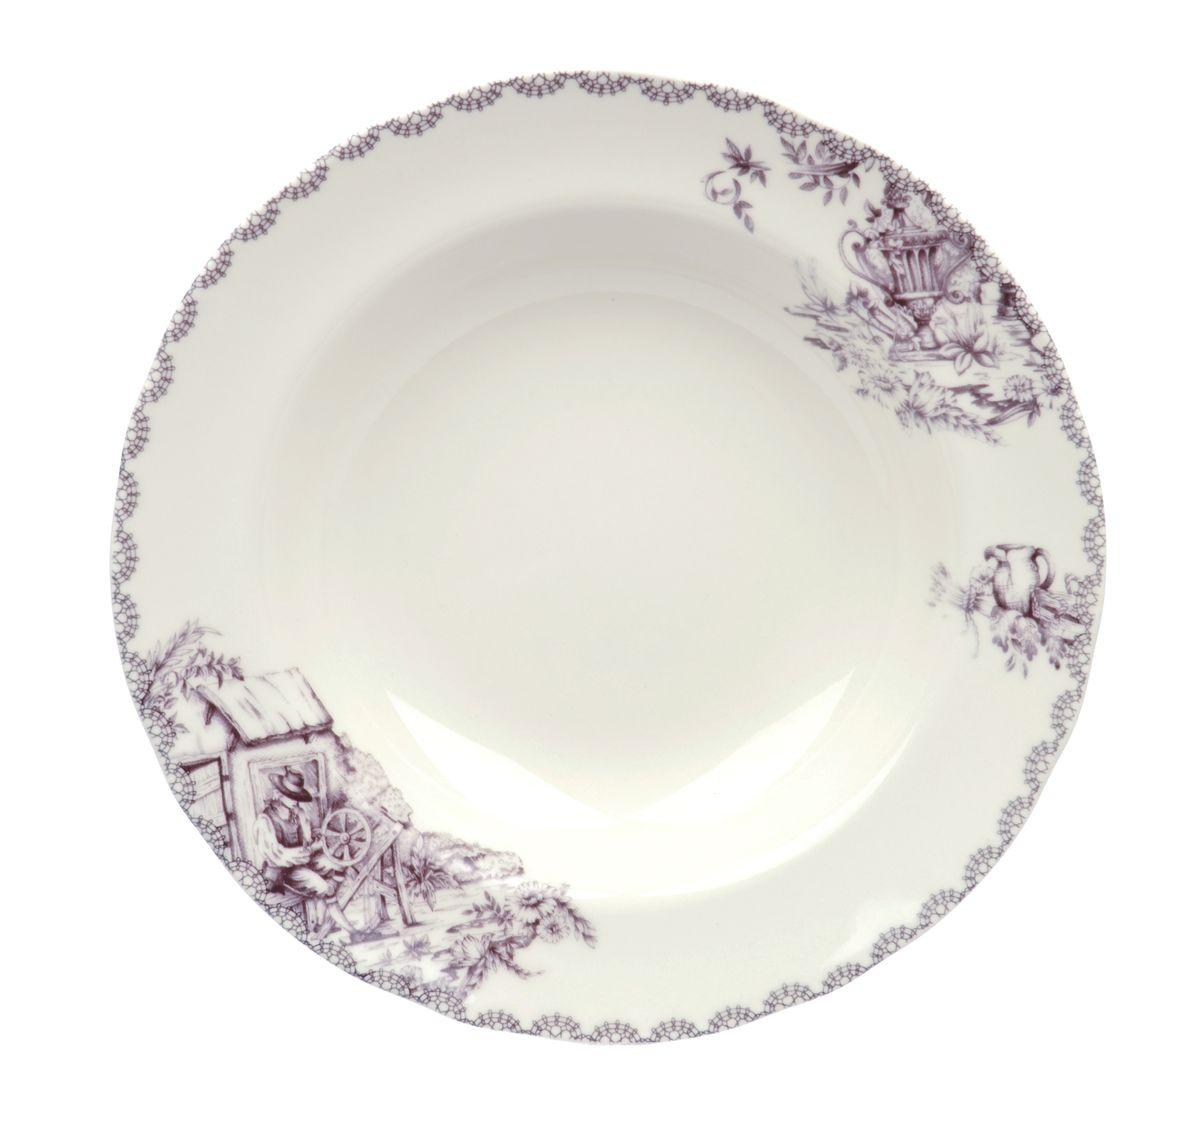 Тарелка глубокая Utana Инглиш принтс Флинт, диаметр 23,5 смUTEF97920Тарелка Utana Инглиш принтс Флинт изготовлена из высококачественнойкерамики. Предназначена для подачи супа или салата. Изделие декорированооригинальным принтом.Такая тарелка украсит сервировку стола и подчеркнет прекрасный вкус хозяйки. Можно мыть в посудомоечной машине и использовать в СВЧ. Диаметр: 23,5 см. Высота: 4 см.